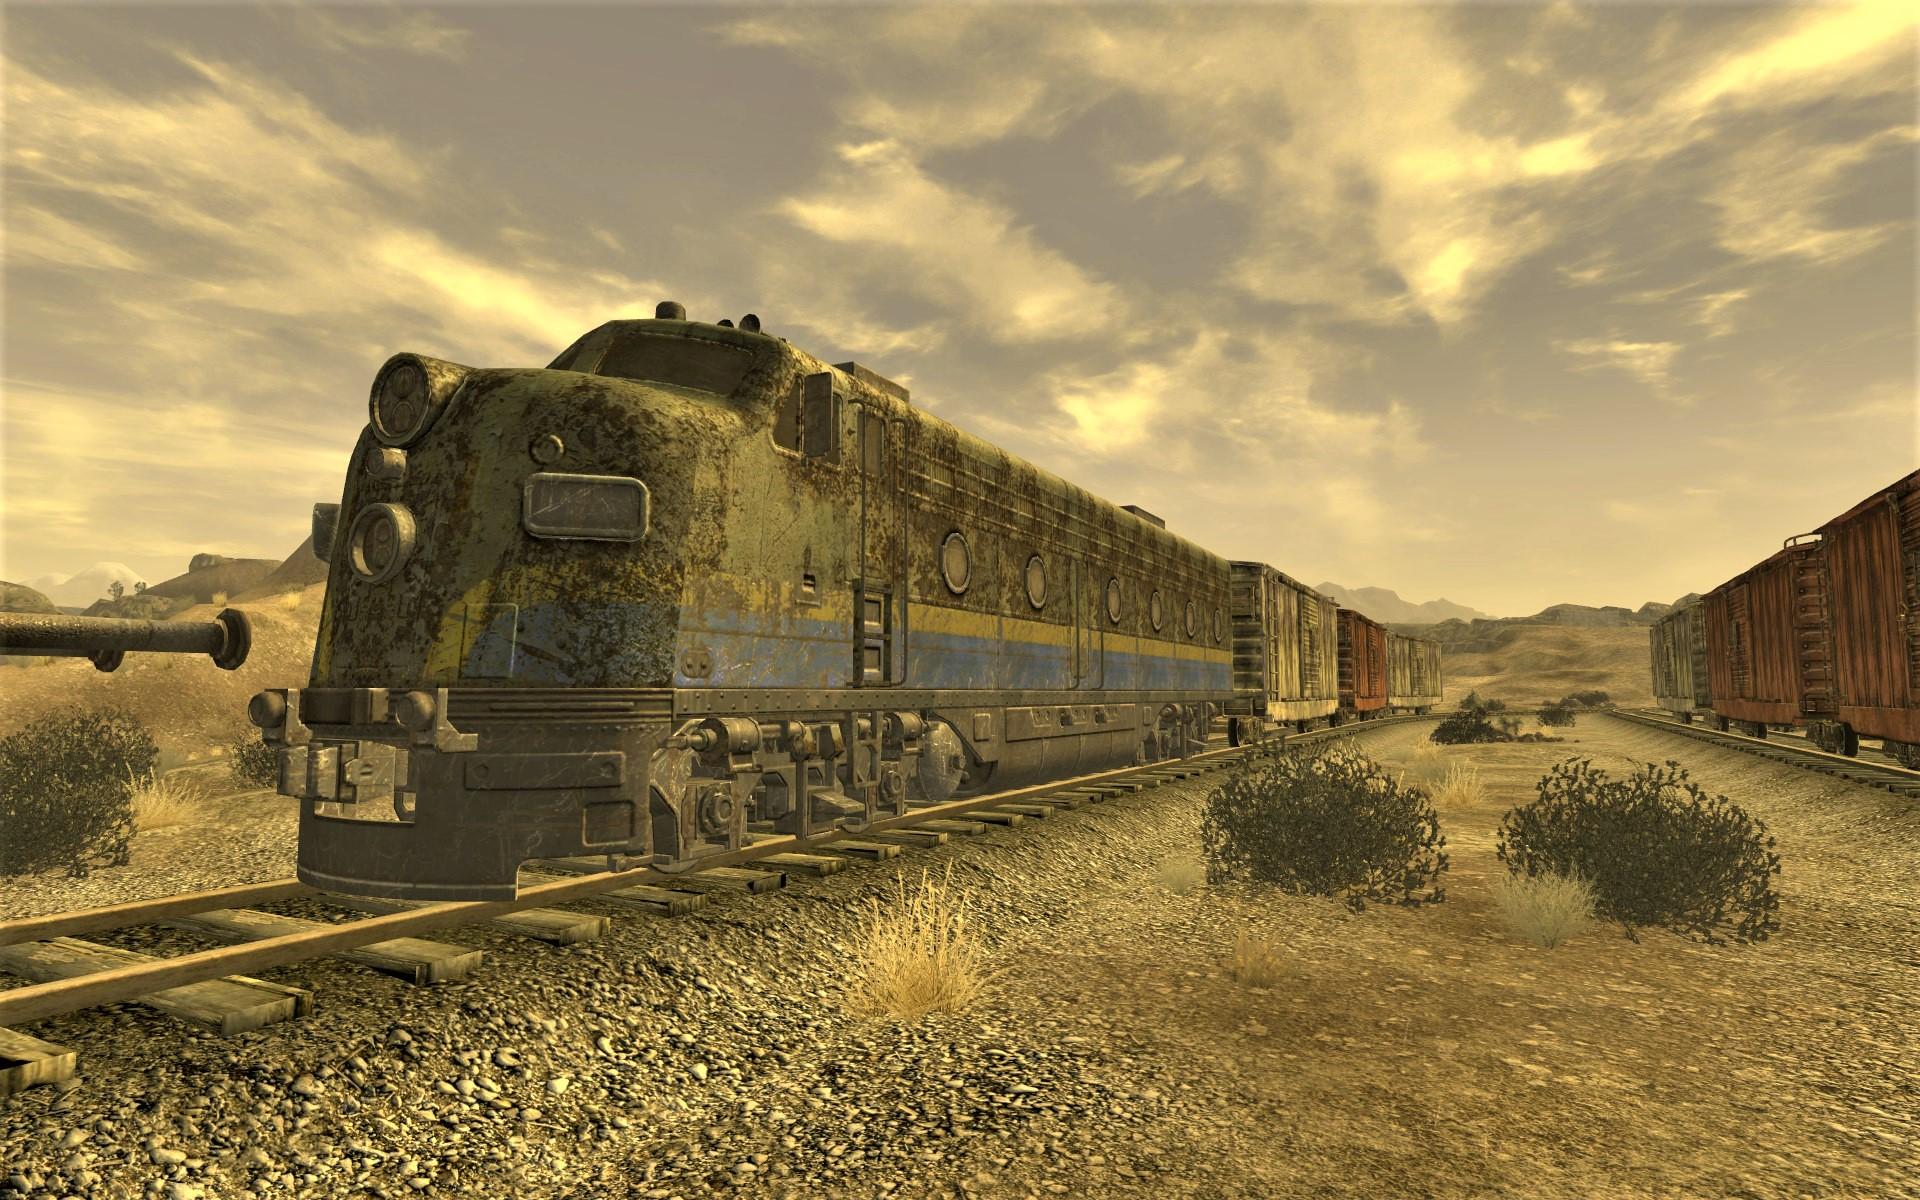 FNV Junct15 train